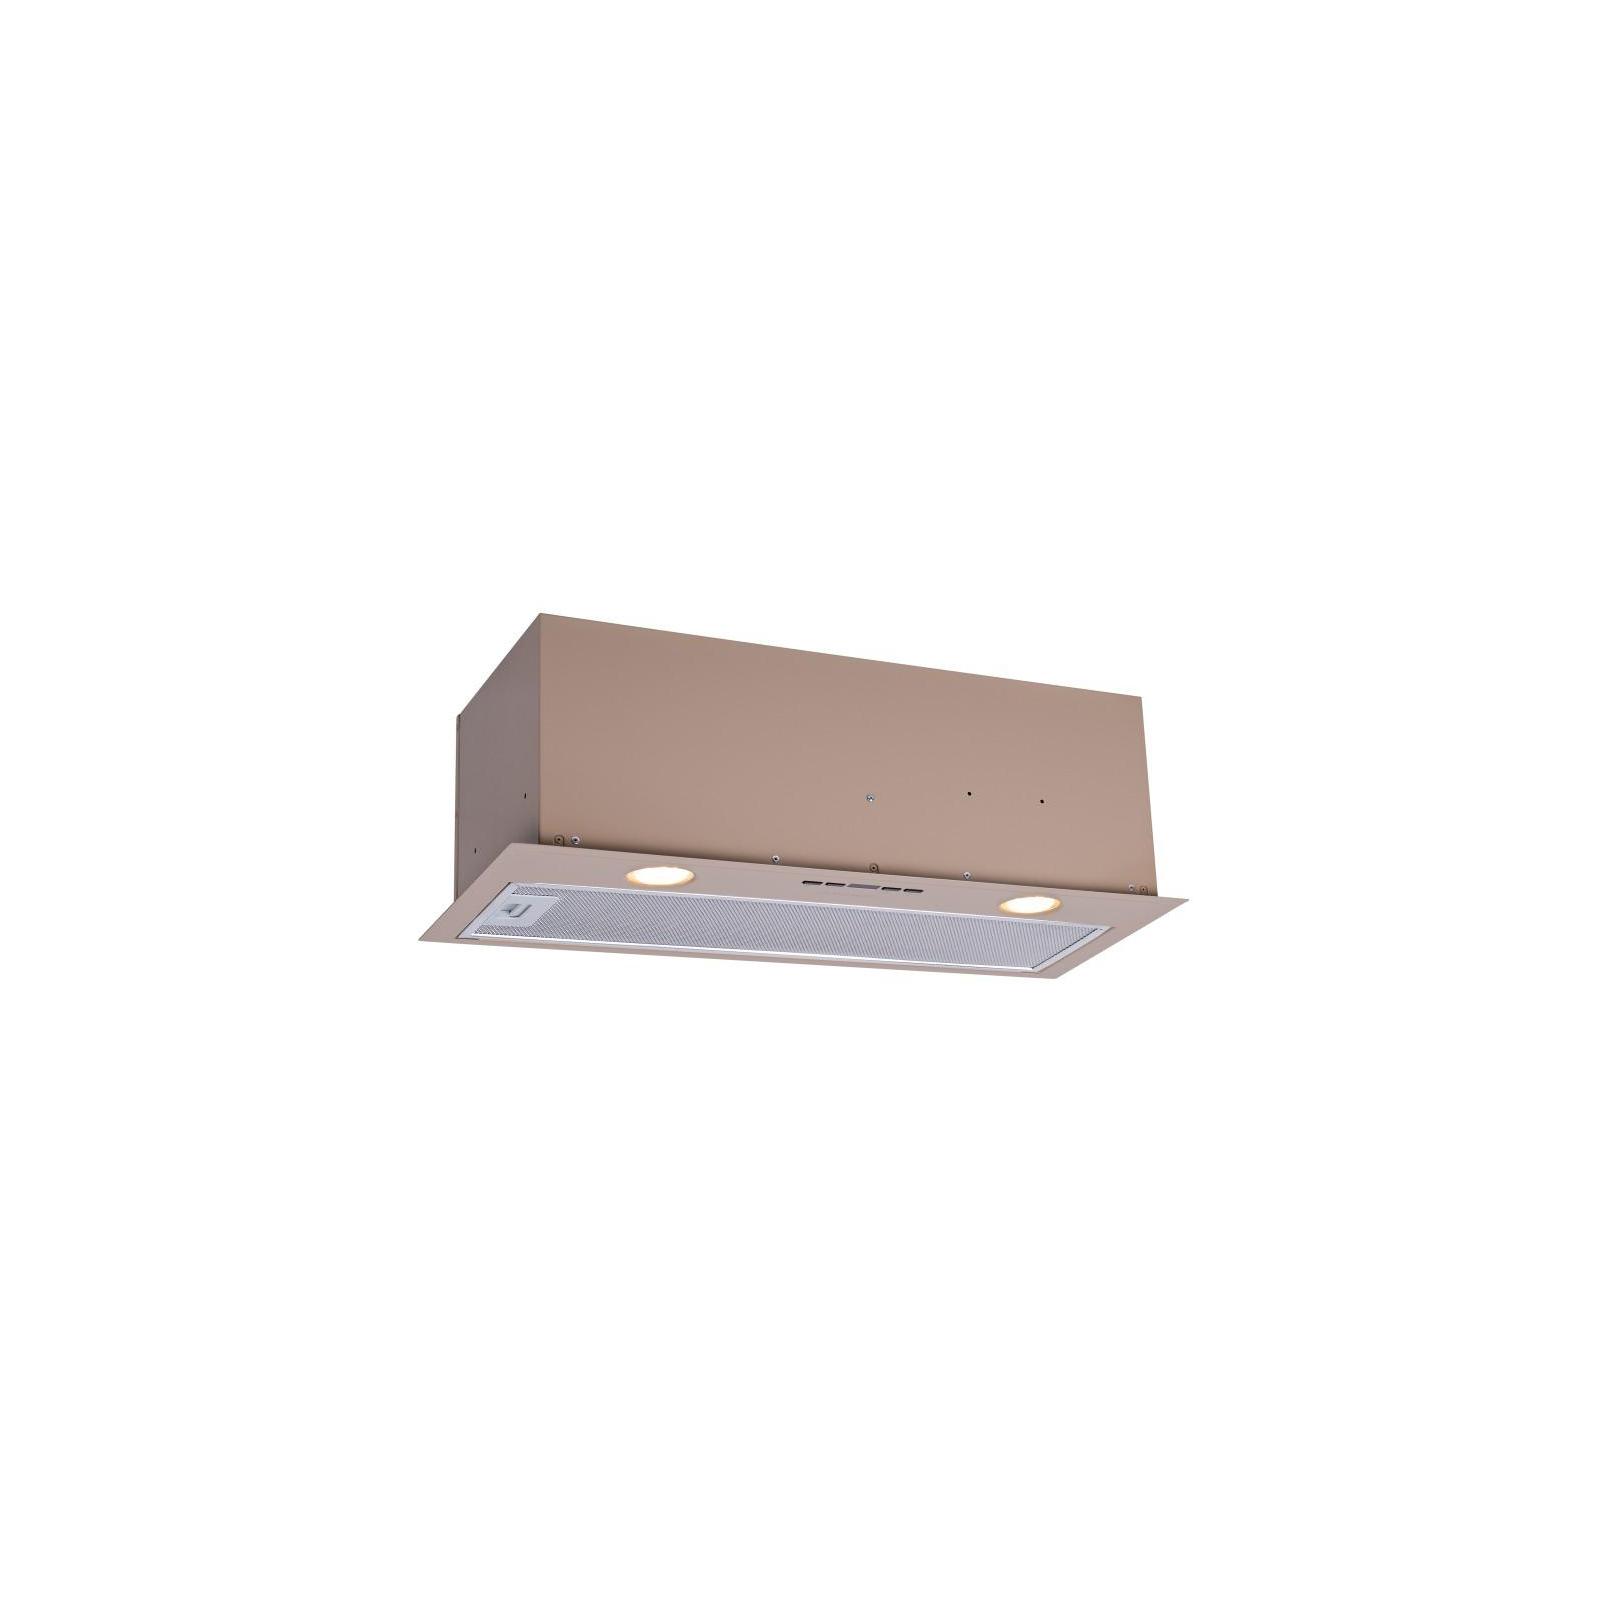 Вытяжка кухонная PERFELLI BIET 6512 A 1000 DARK IV LED изображение 3